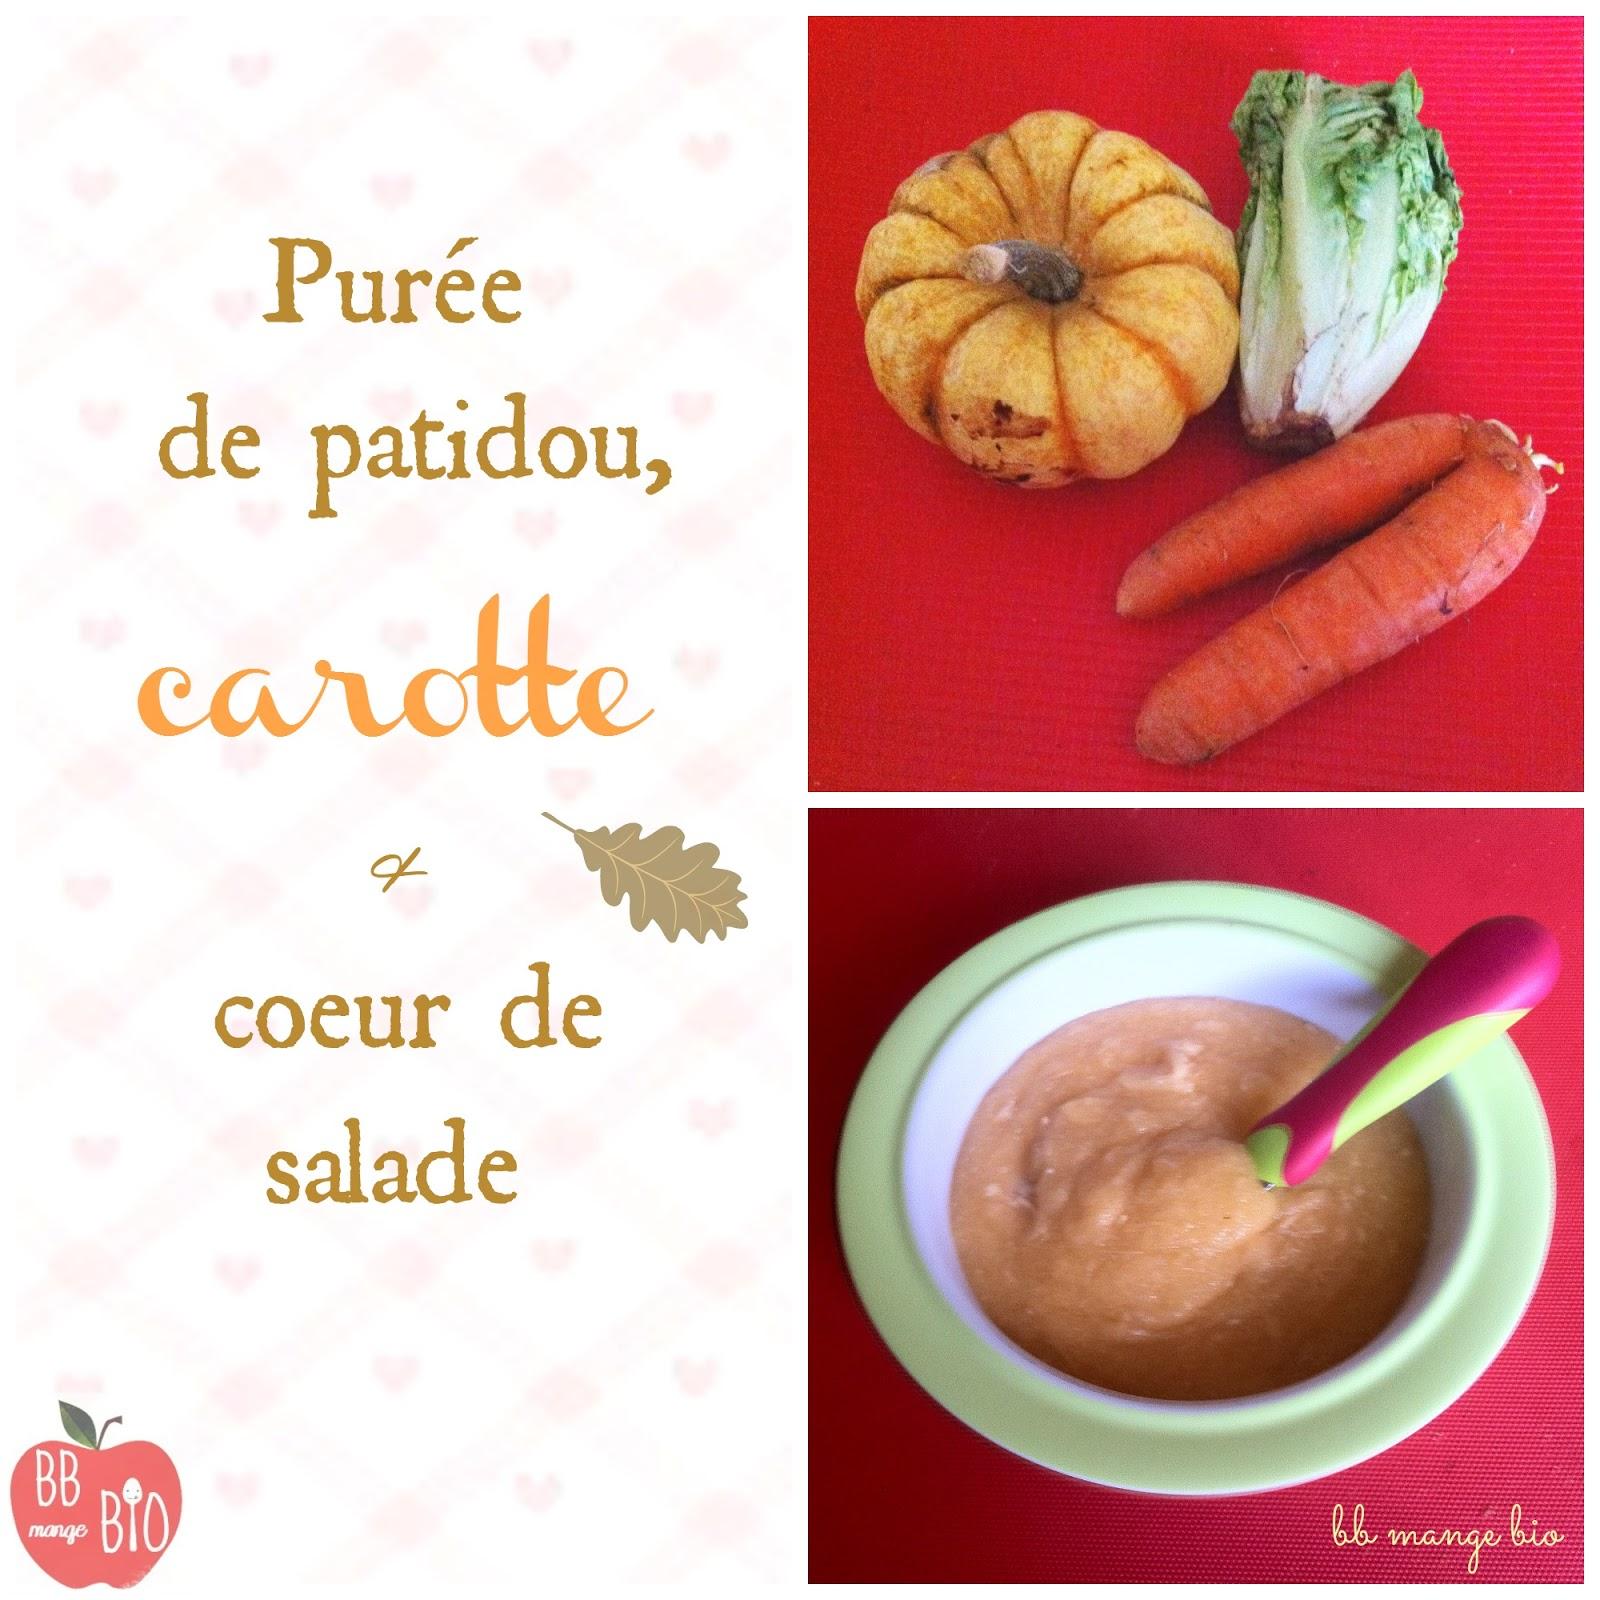 Recette bio pour bébé patidou carotte et salade en purée